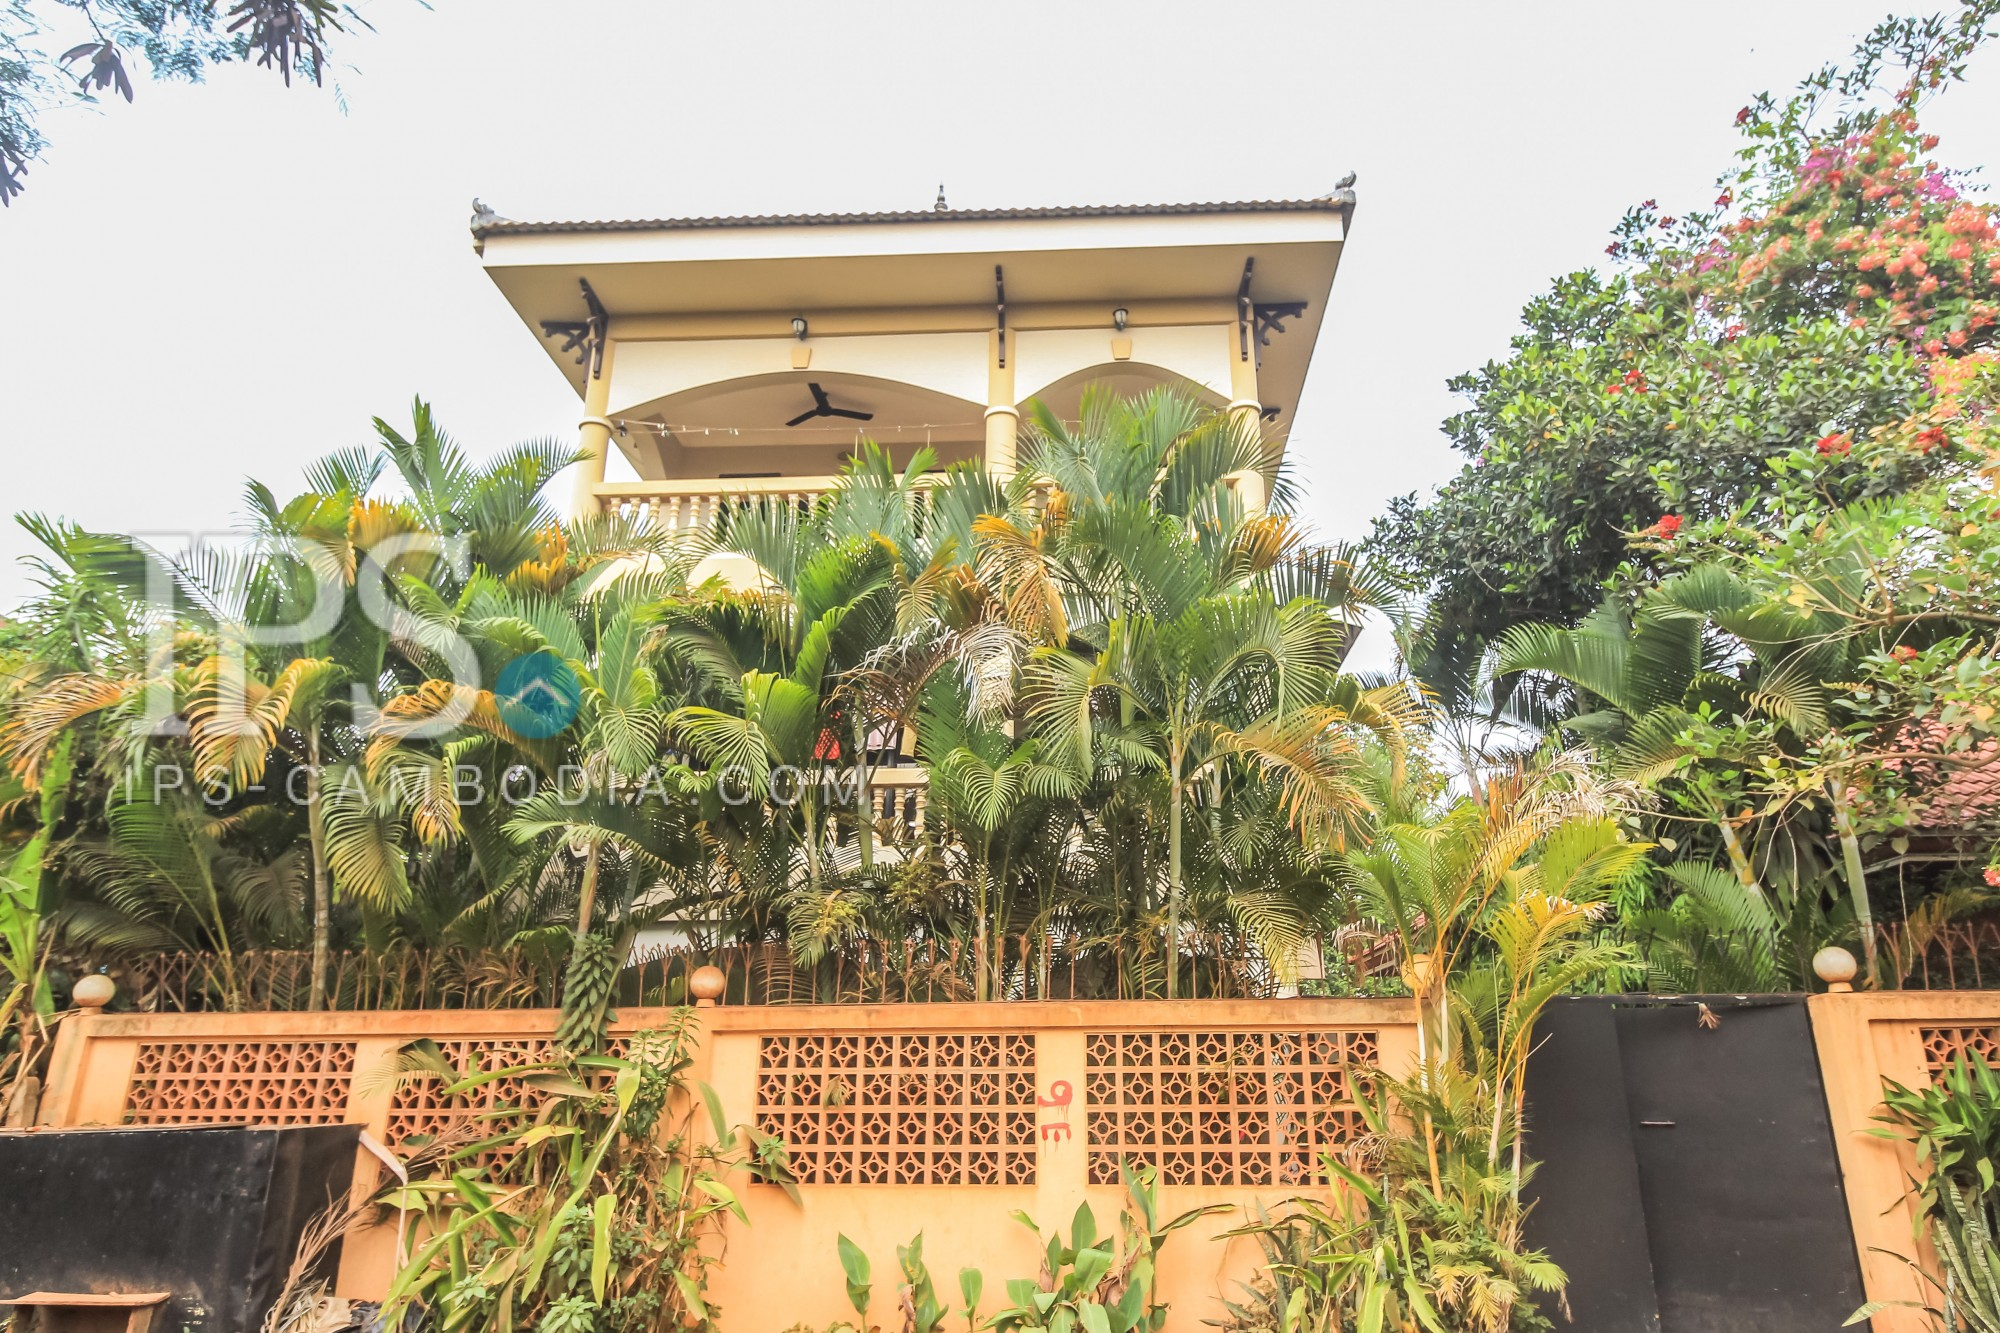 2 Beds 1 Bath Apartment for Rent - Siem Reap